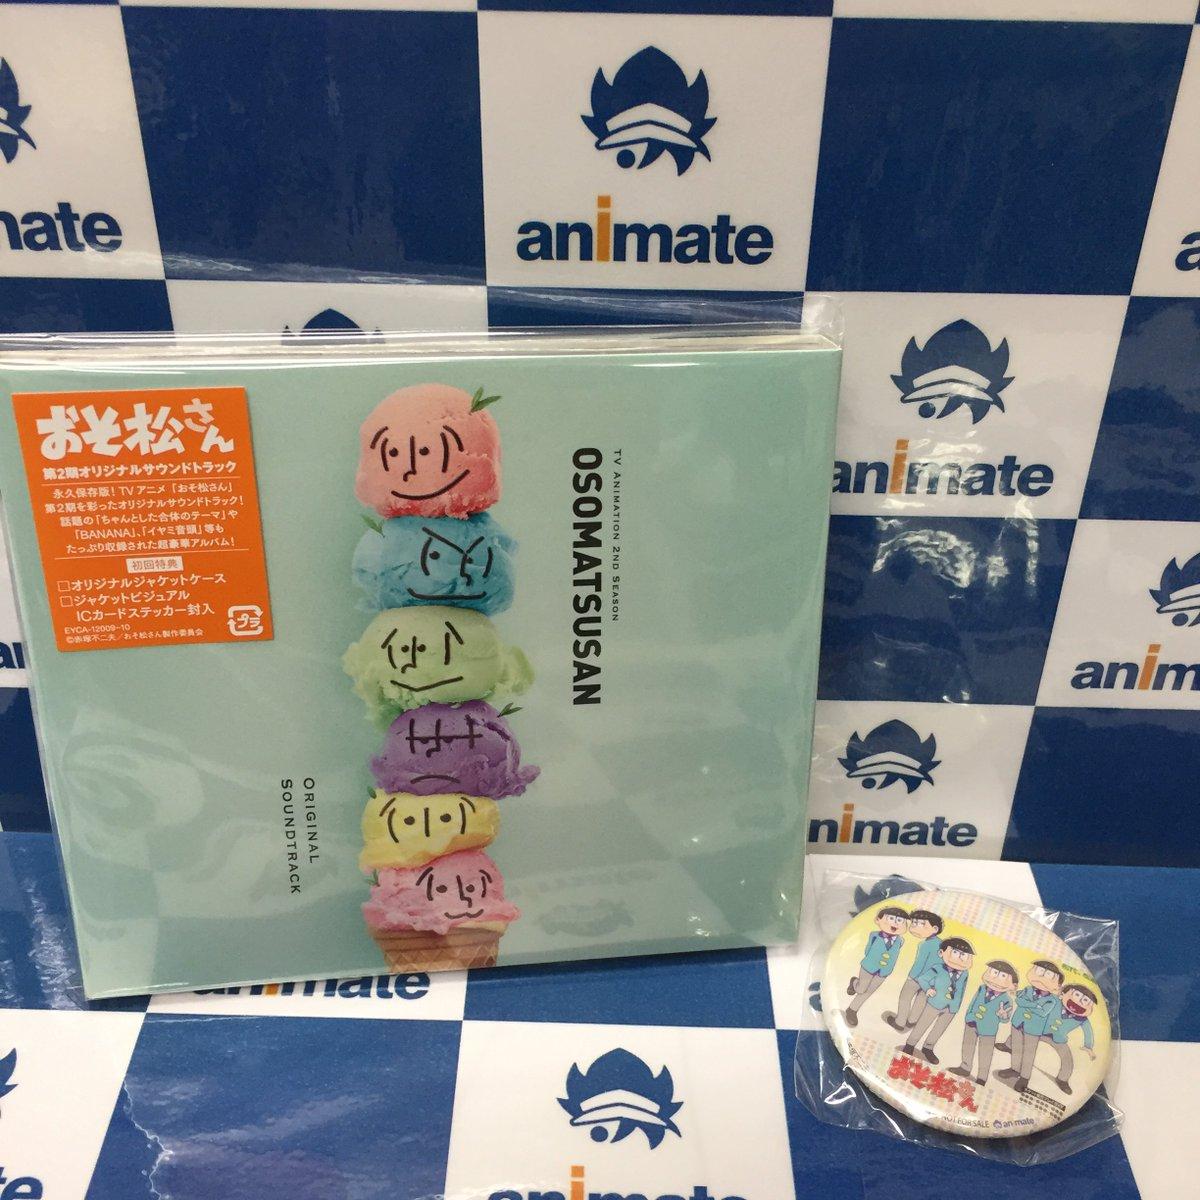 おそ松さん第2期 Original Sound Track Albumに関する画像6